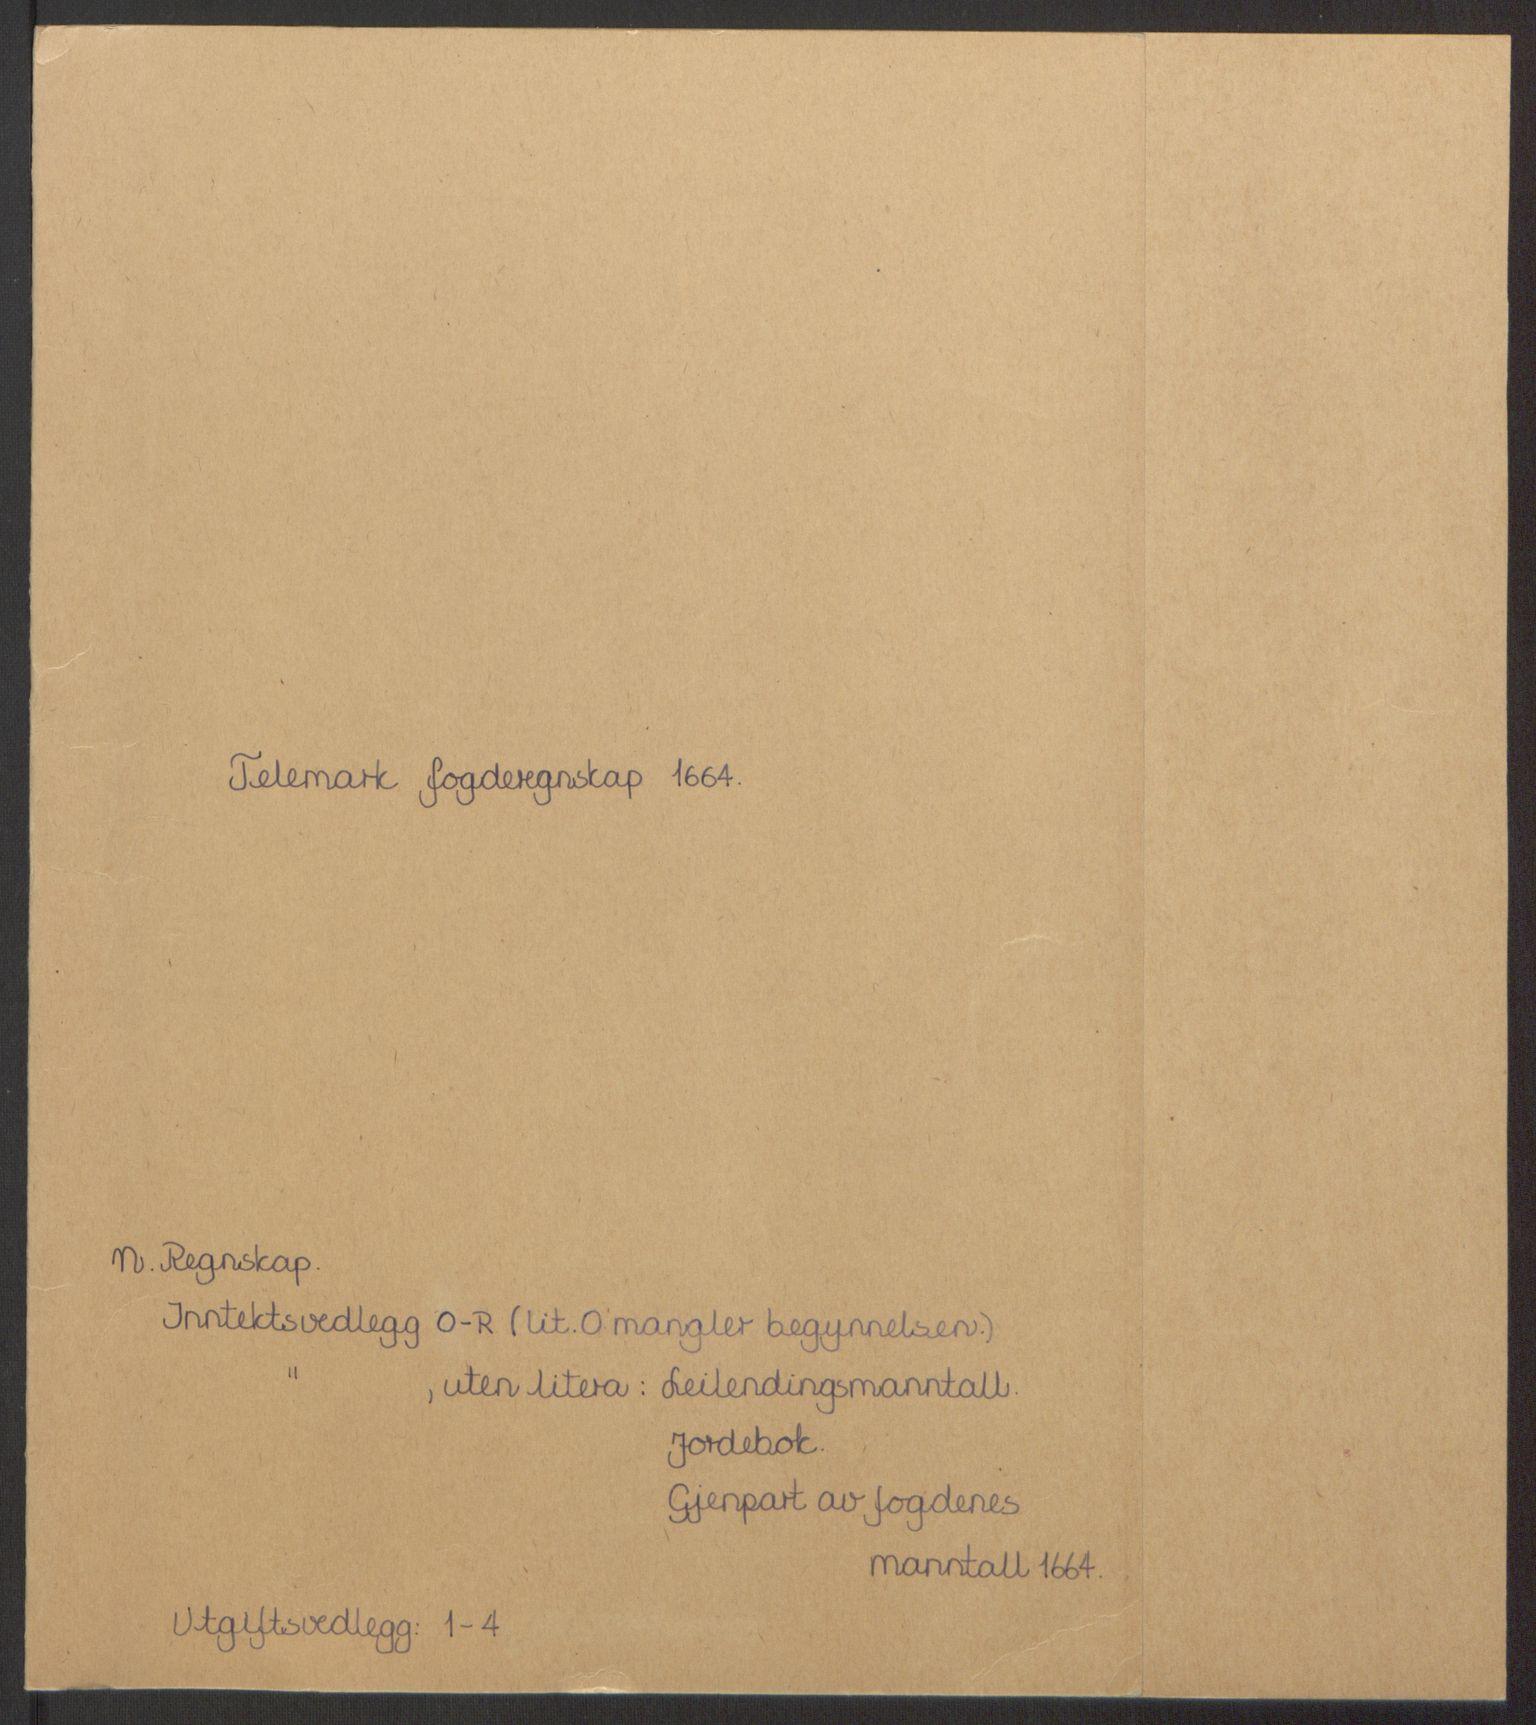 RA, Rentekammeret inntil 1814, Reviderte regnskaper, Fogderegnskap, R35/L2055: Fogderegnskap Øvre og Nedre Telemark, 1664, s. 2